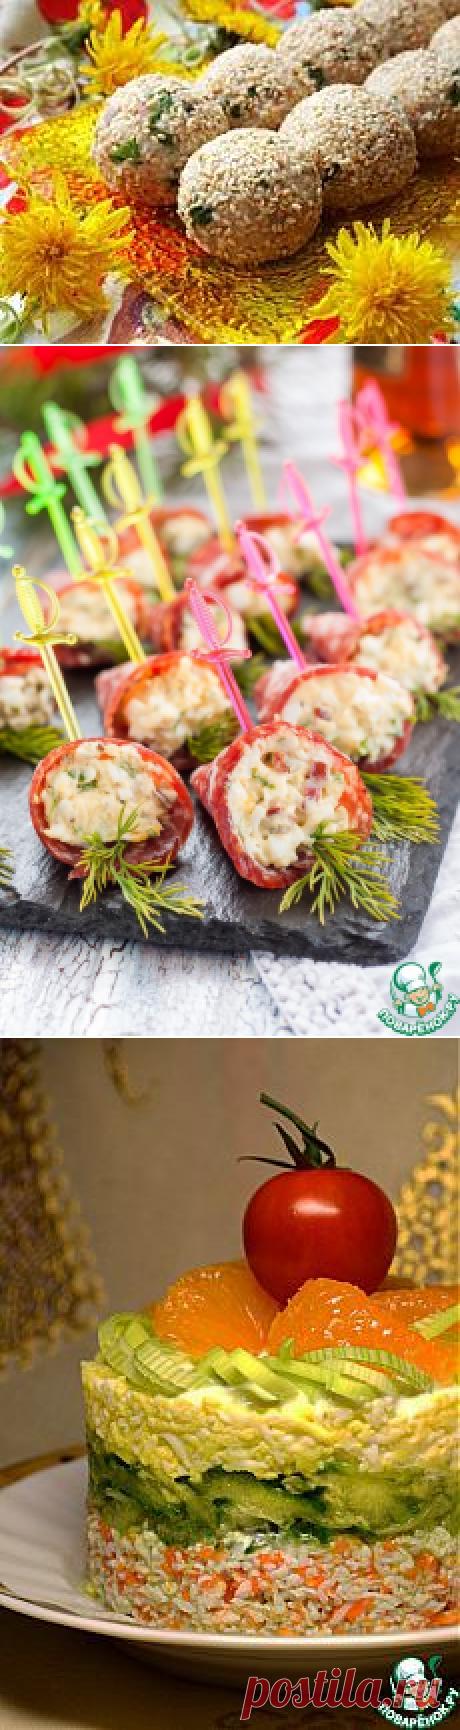 ЗАКУСКИ==ИДЕАЛ | Мария Селезнева | Рецепты простой и вкусной еды на Постиле